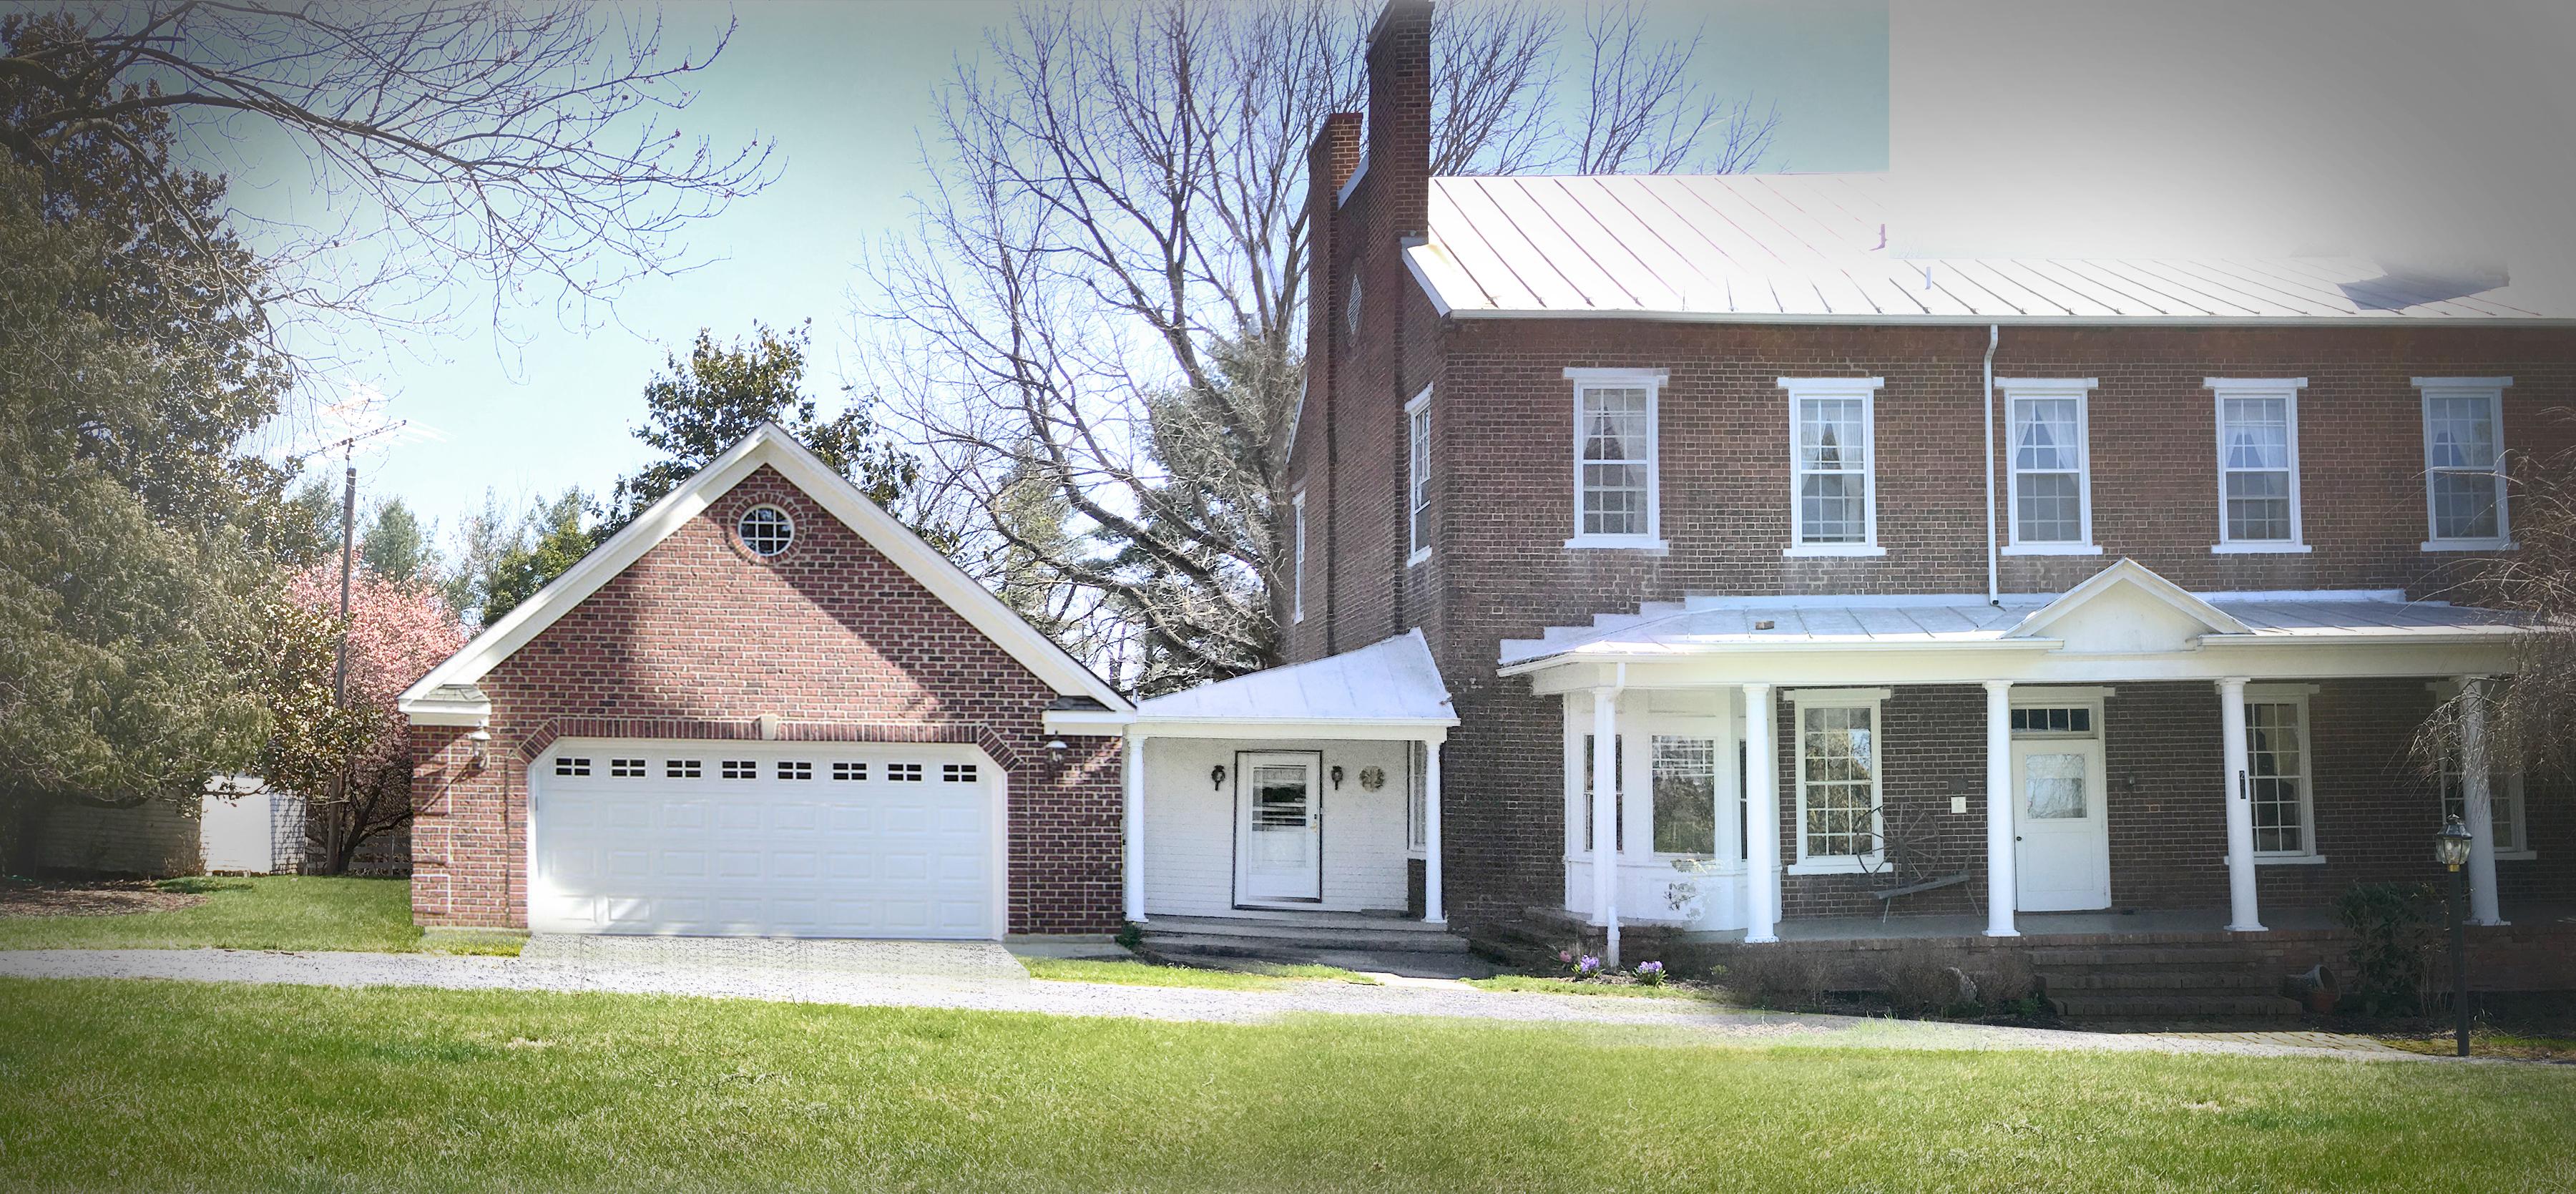 historic home garage addition study - Garage Addition